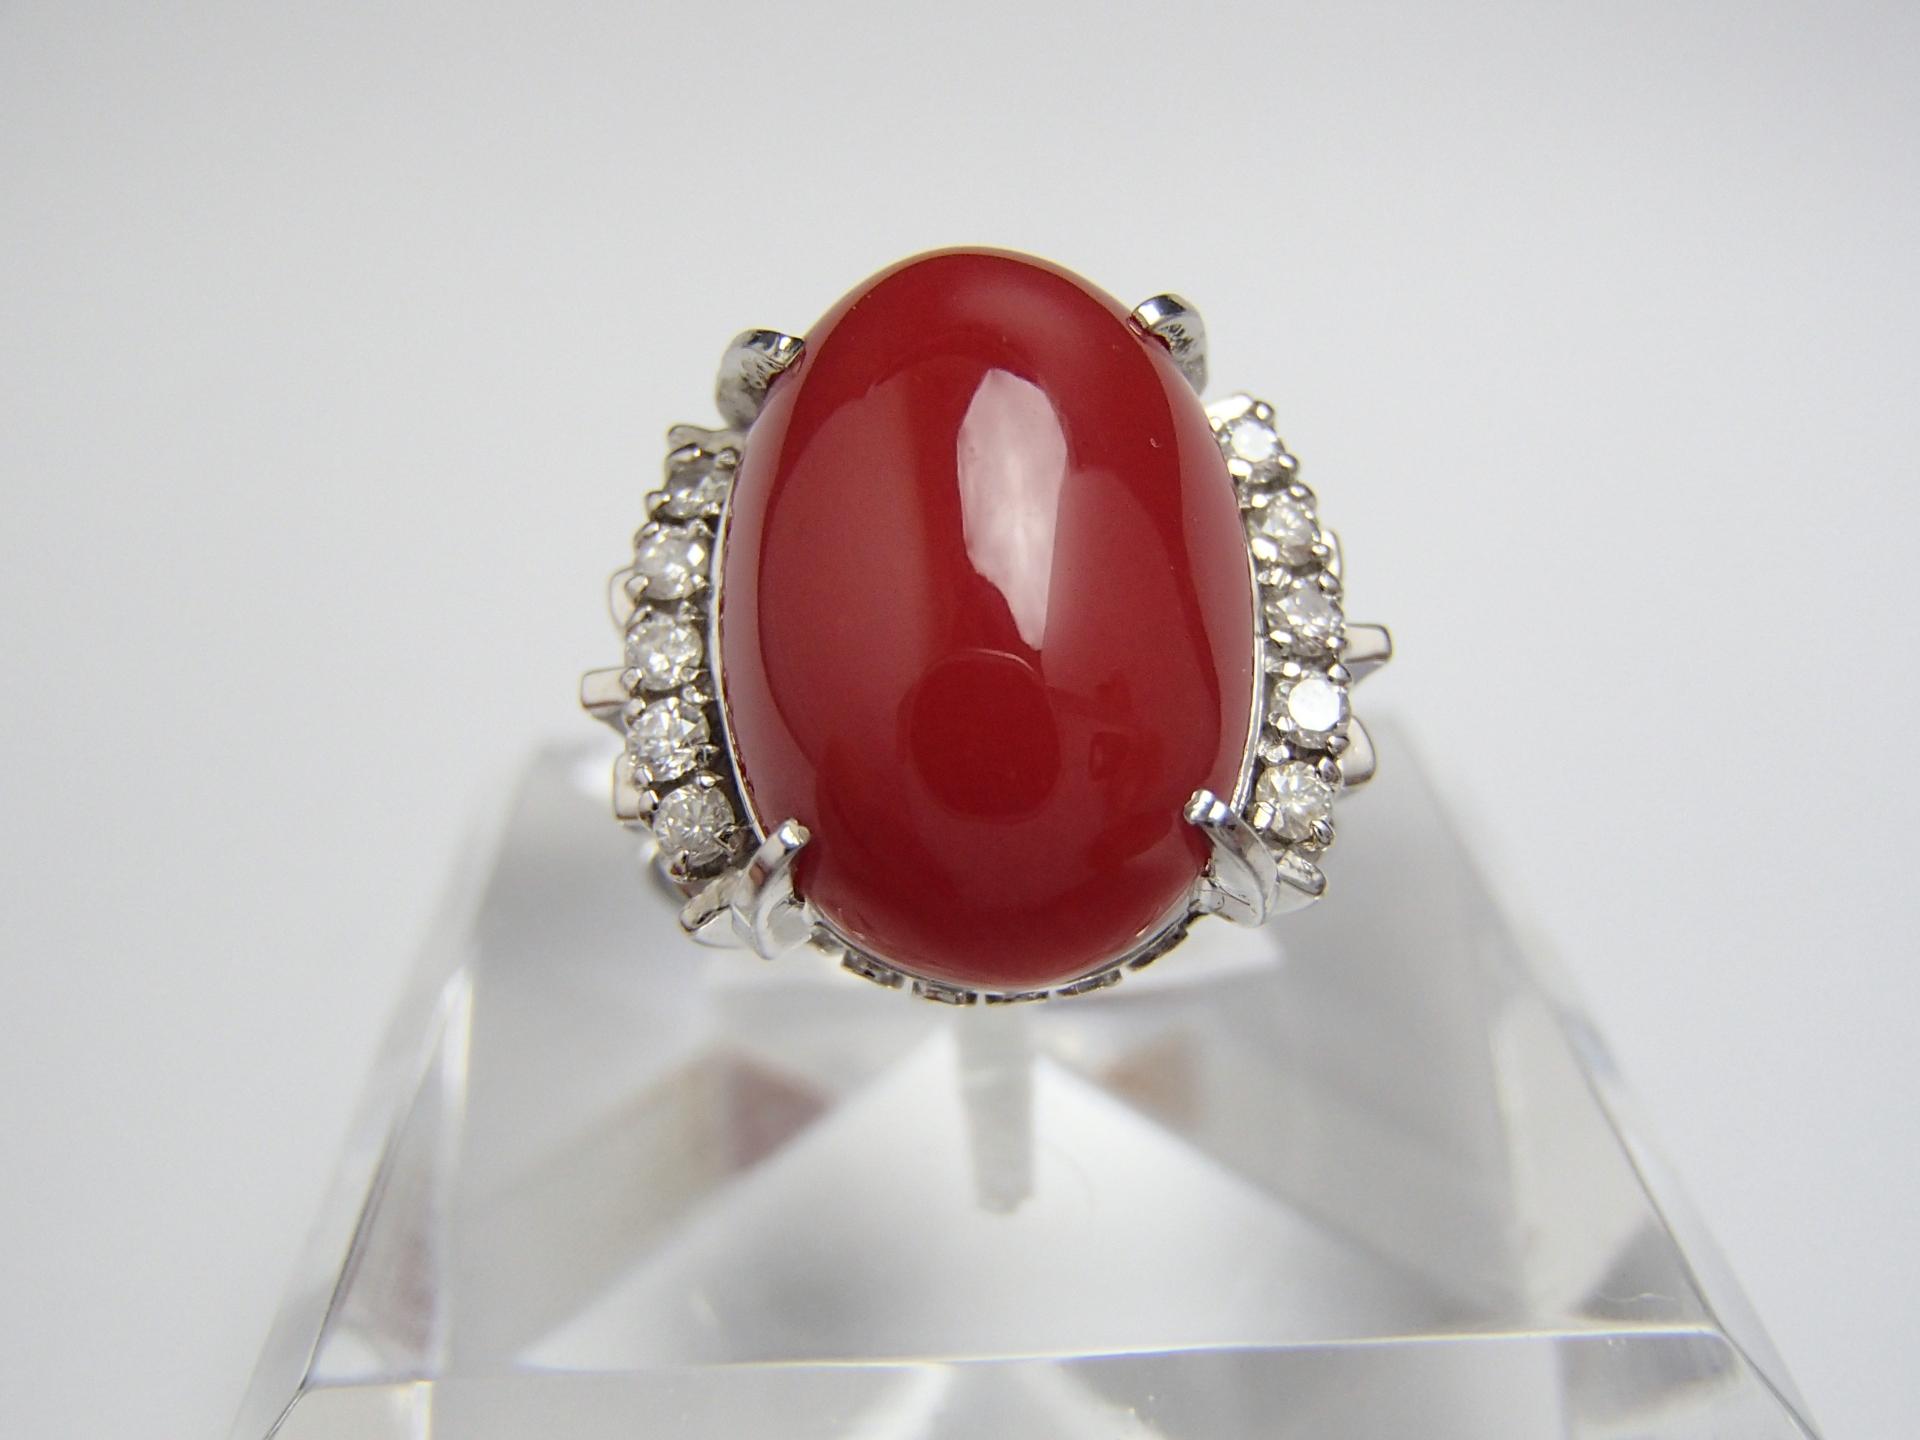 【買取実績】 赤珊瑚のリングを高価買取しました!!